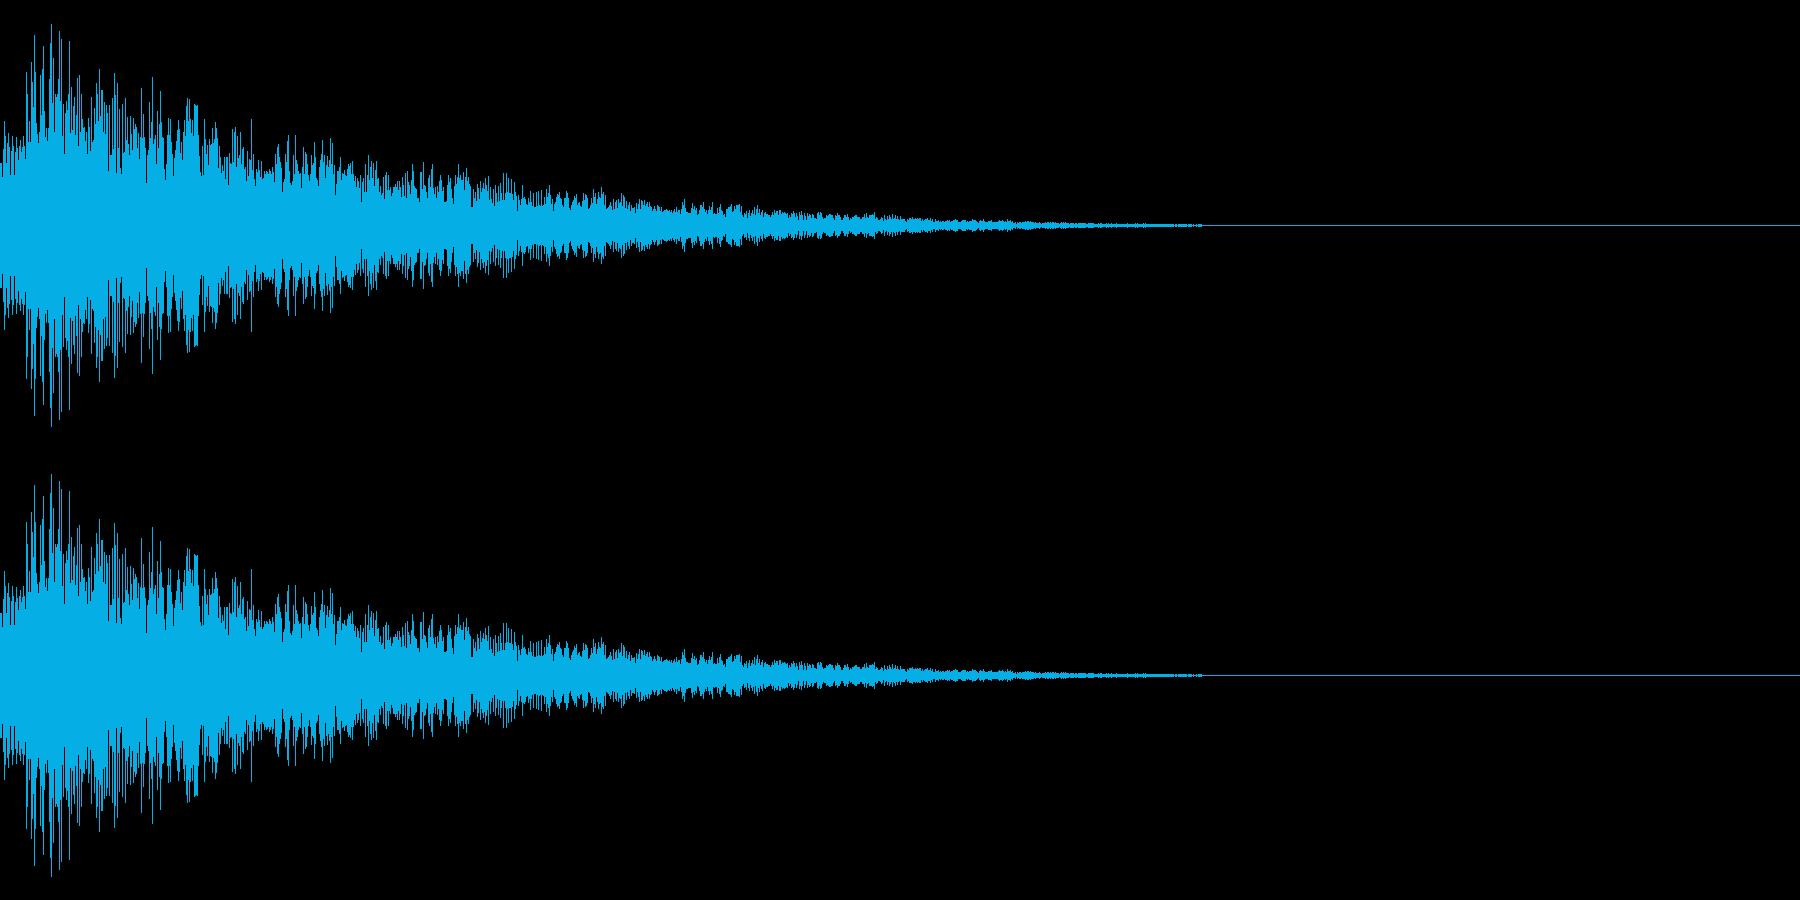 キラキラ…/流れ星/綺麗の再生済みの波形